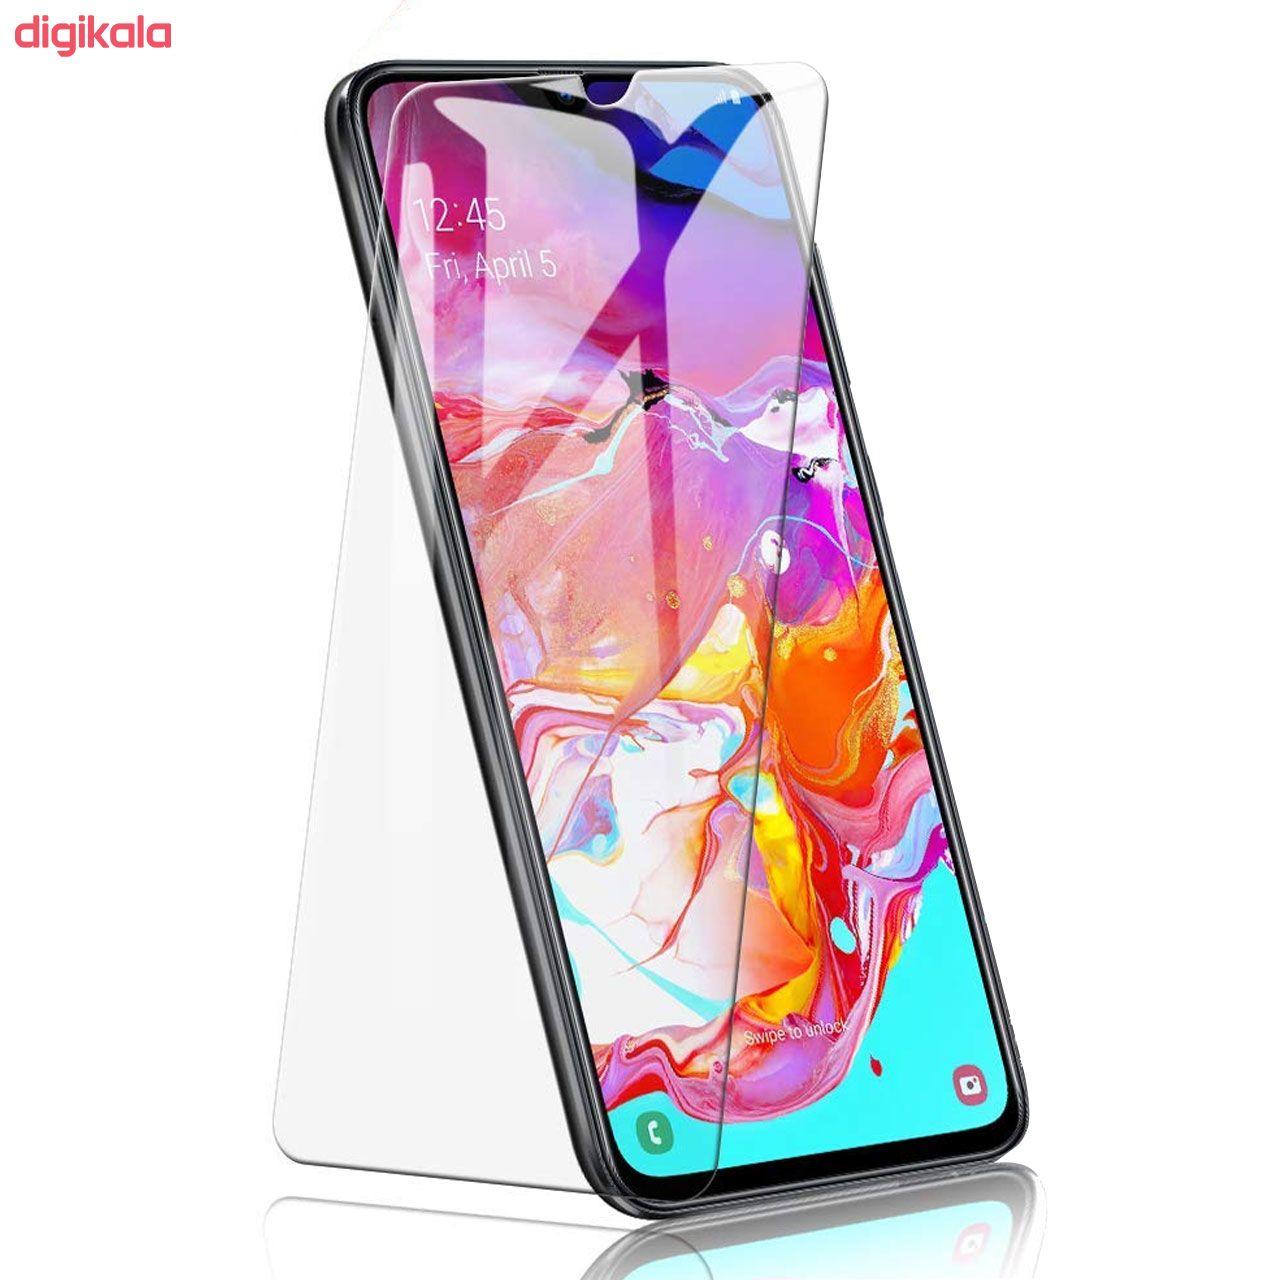 محافظ صفحه نمایش هورس مدل UCC مناسب برای گوشی موبایل سامسونگ Galaxy A70 بسته دو عددی main 1 4